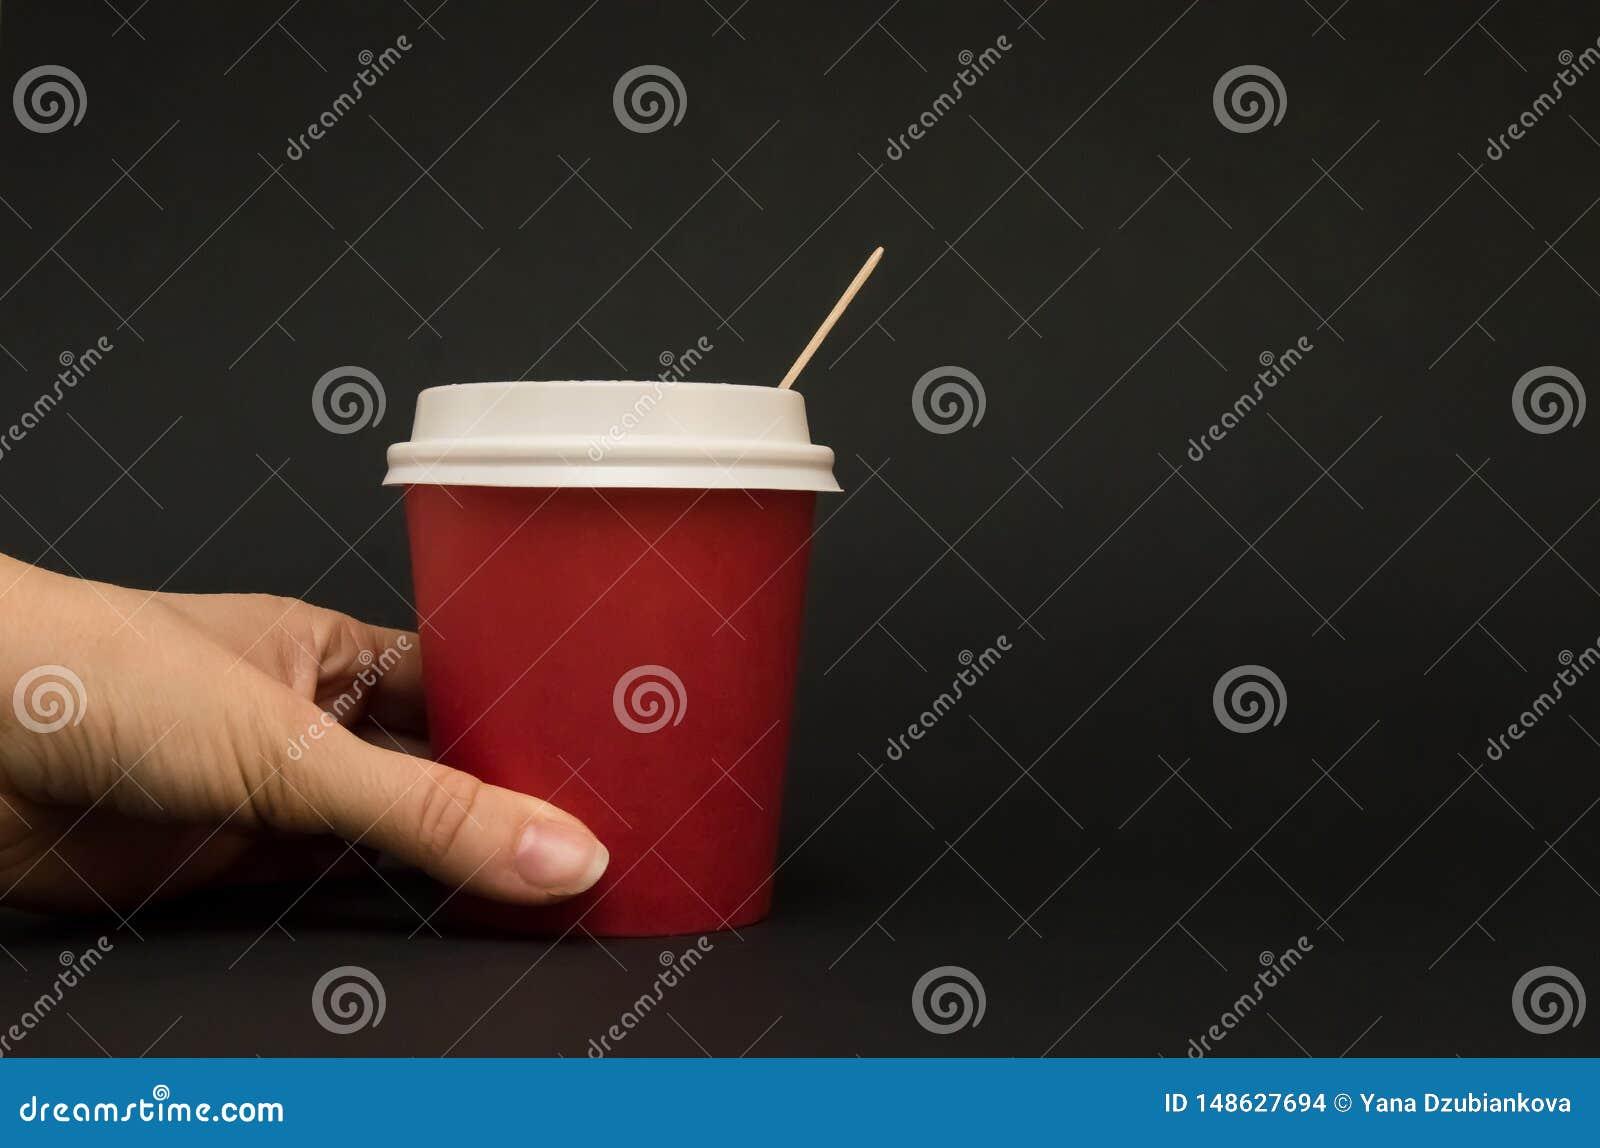 De rode document kop voor koffie met een deksel op een zwarte achtergrond, hand houdt een document kop